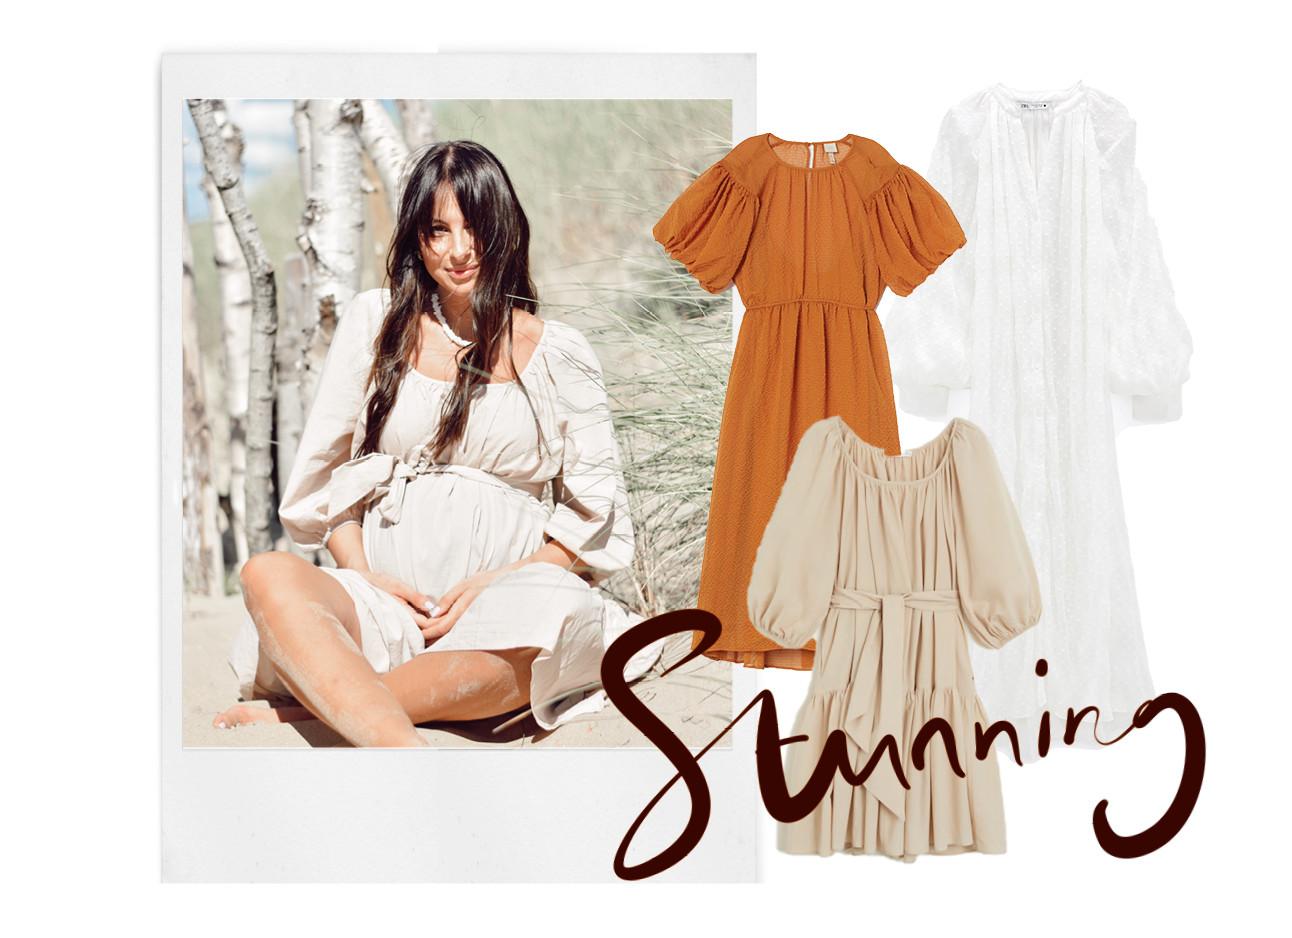 Lilian op het strand met een zomers jurkje